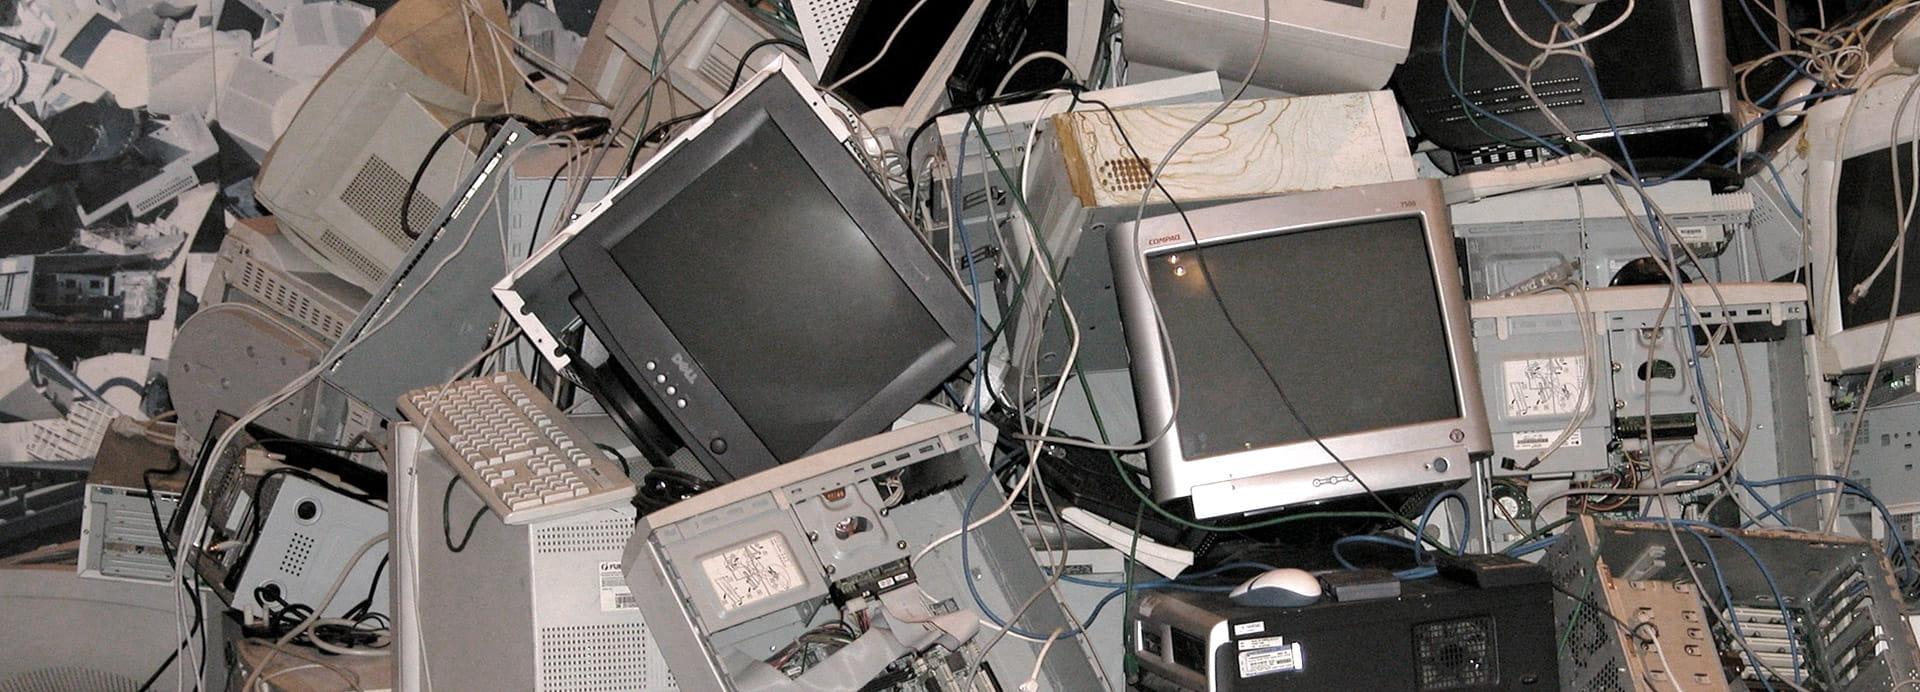 Elektroaltgeräte